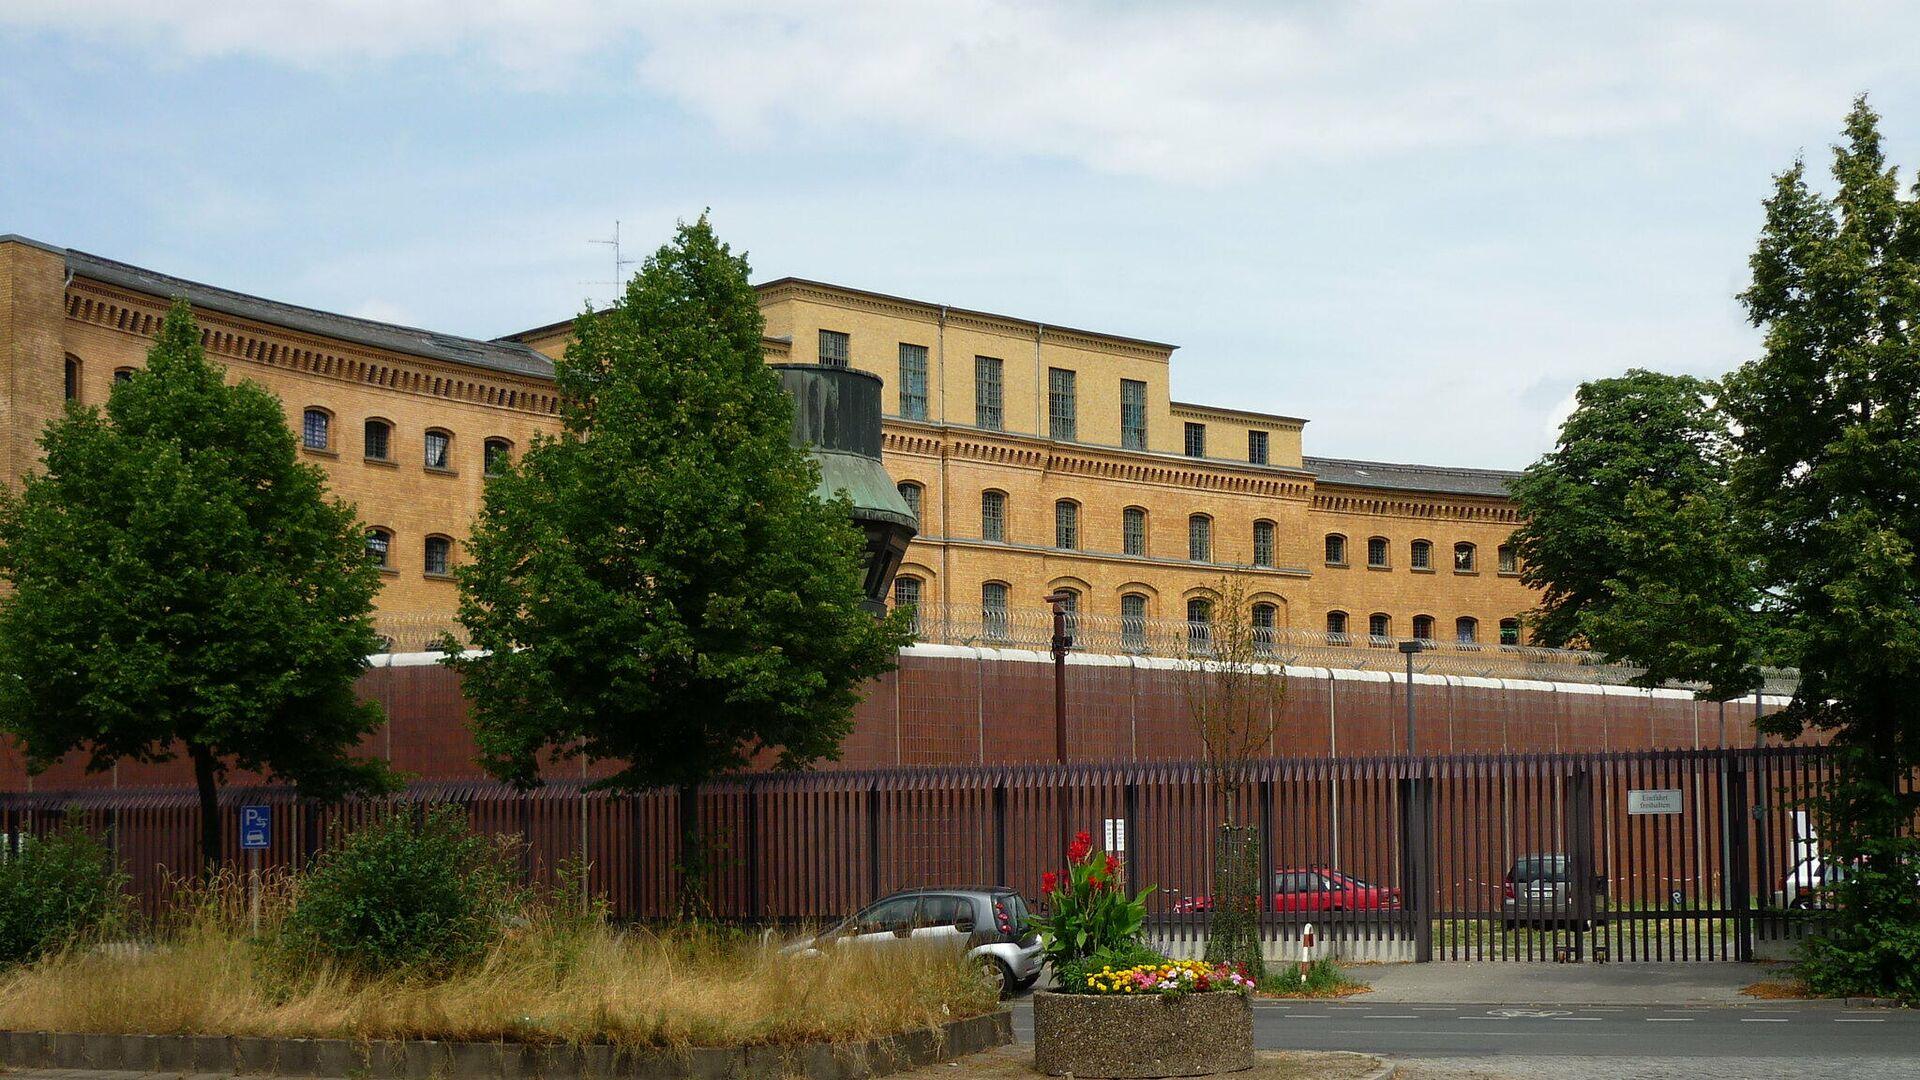 Тюрьма Моабит в Берлине - РИА Новости, 1920, 04.12.2020